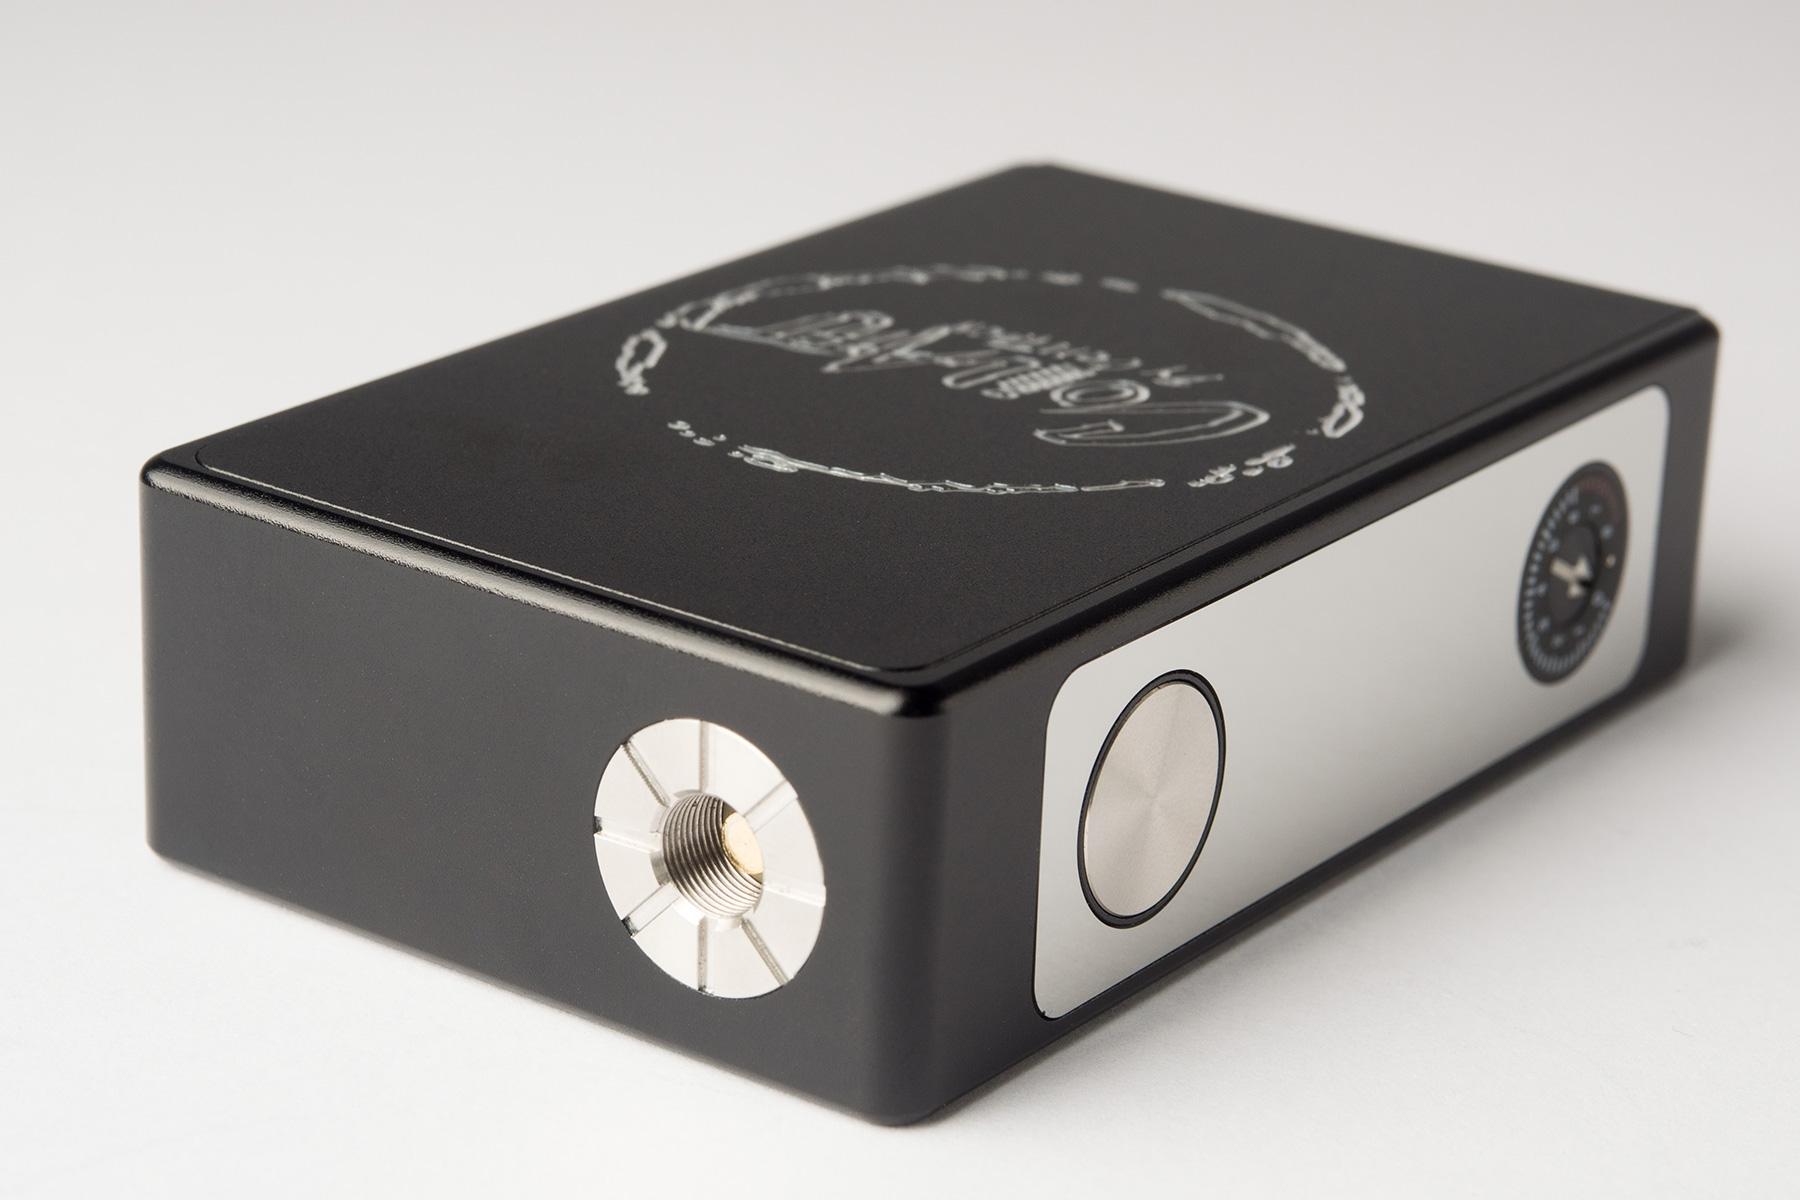 【スターターキット】MAGE BOX TRICKER KIT BLACK「メイジボックス・トリッカーキット ブラック」(CoilART/コイルアート) レビュー